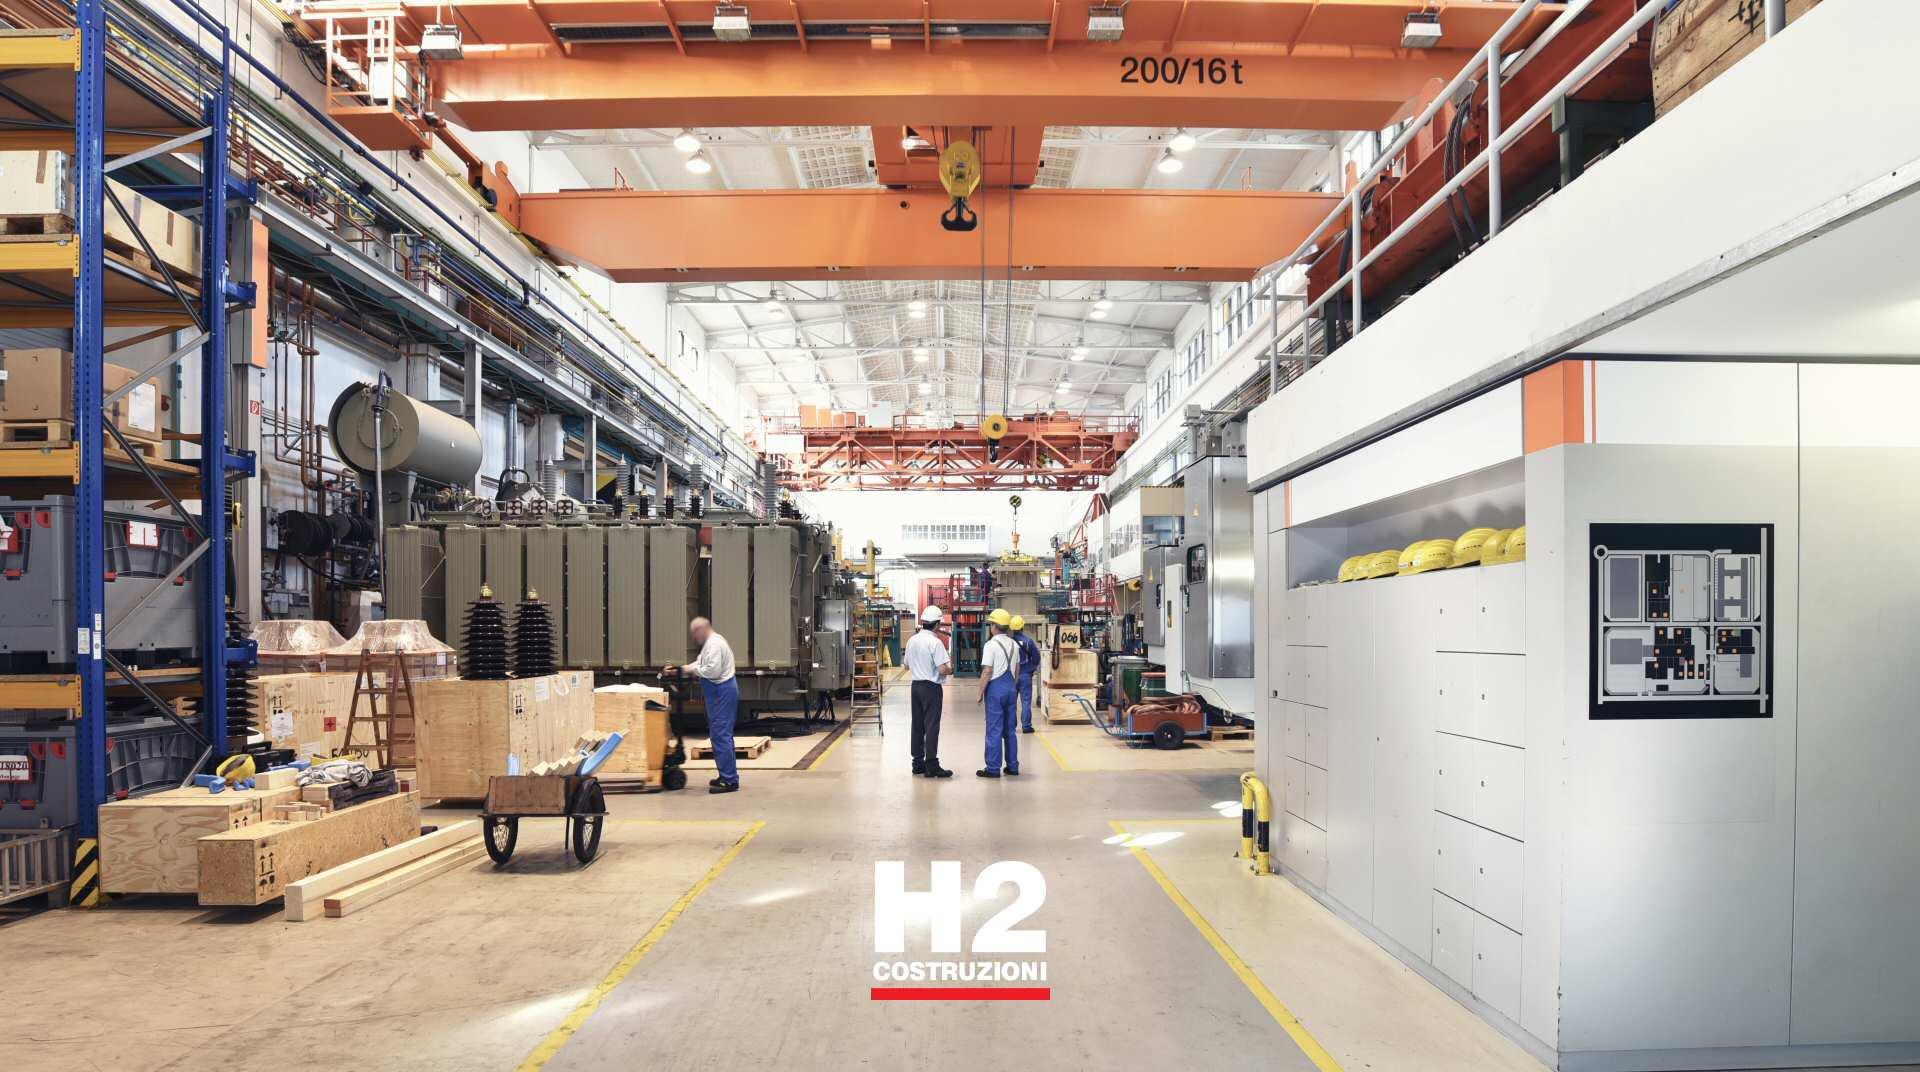 Preventivo manutenzioen aziende, capannoni, officine